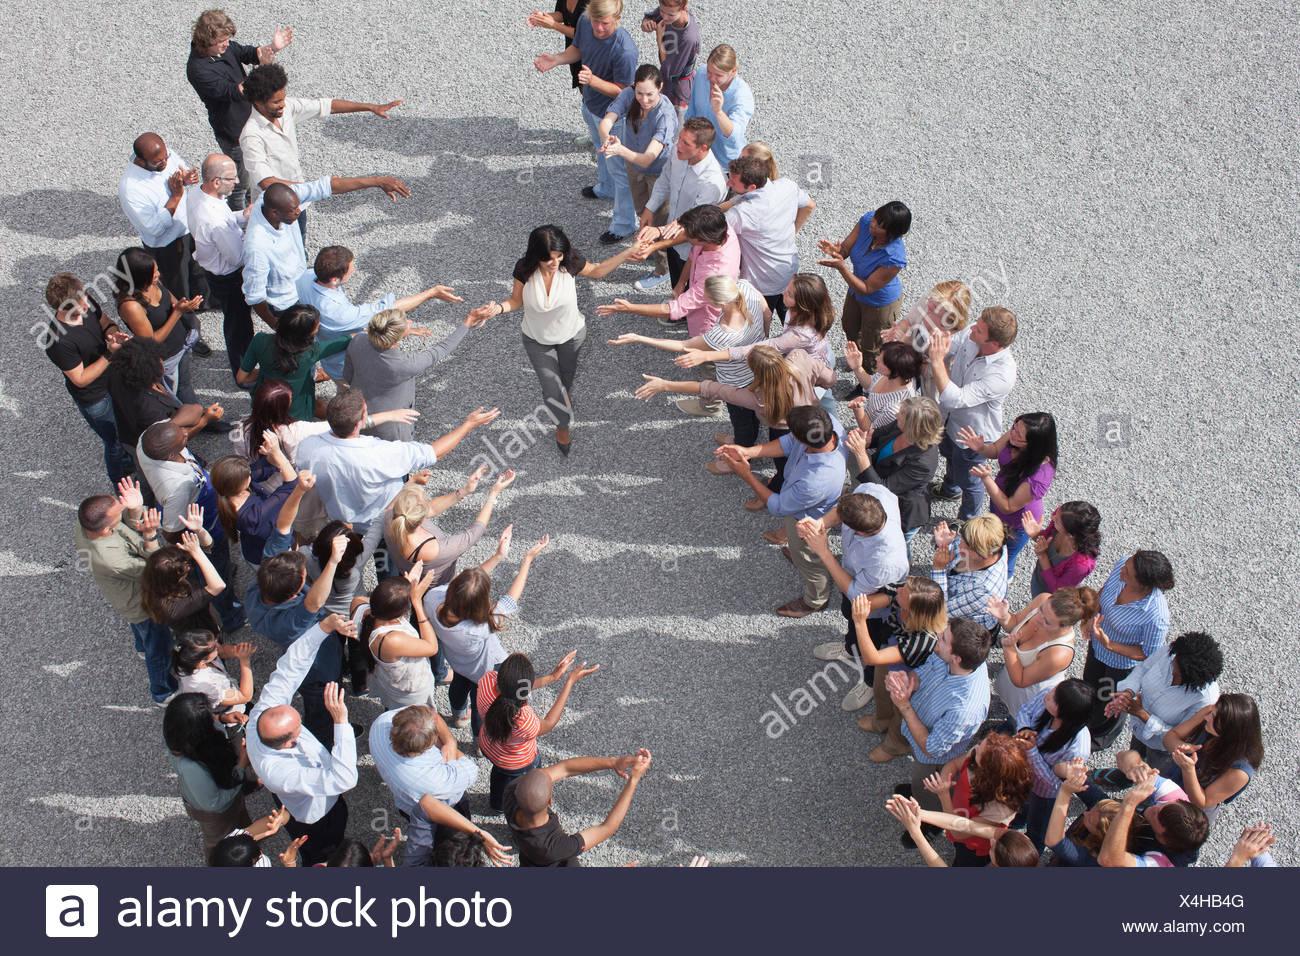 Donna che cammina tra due gruppi di persone, persone che applaudono Immagini Stock